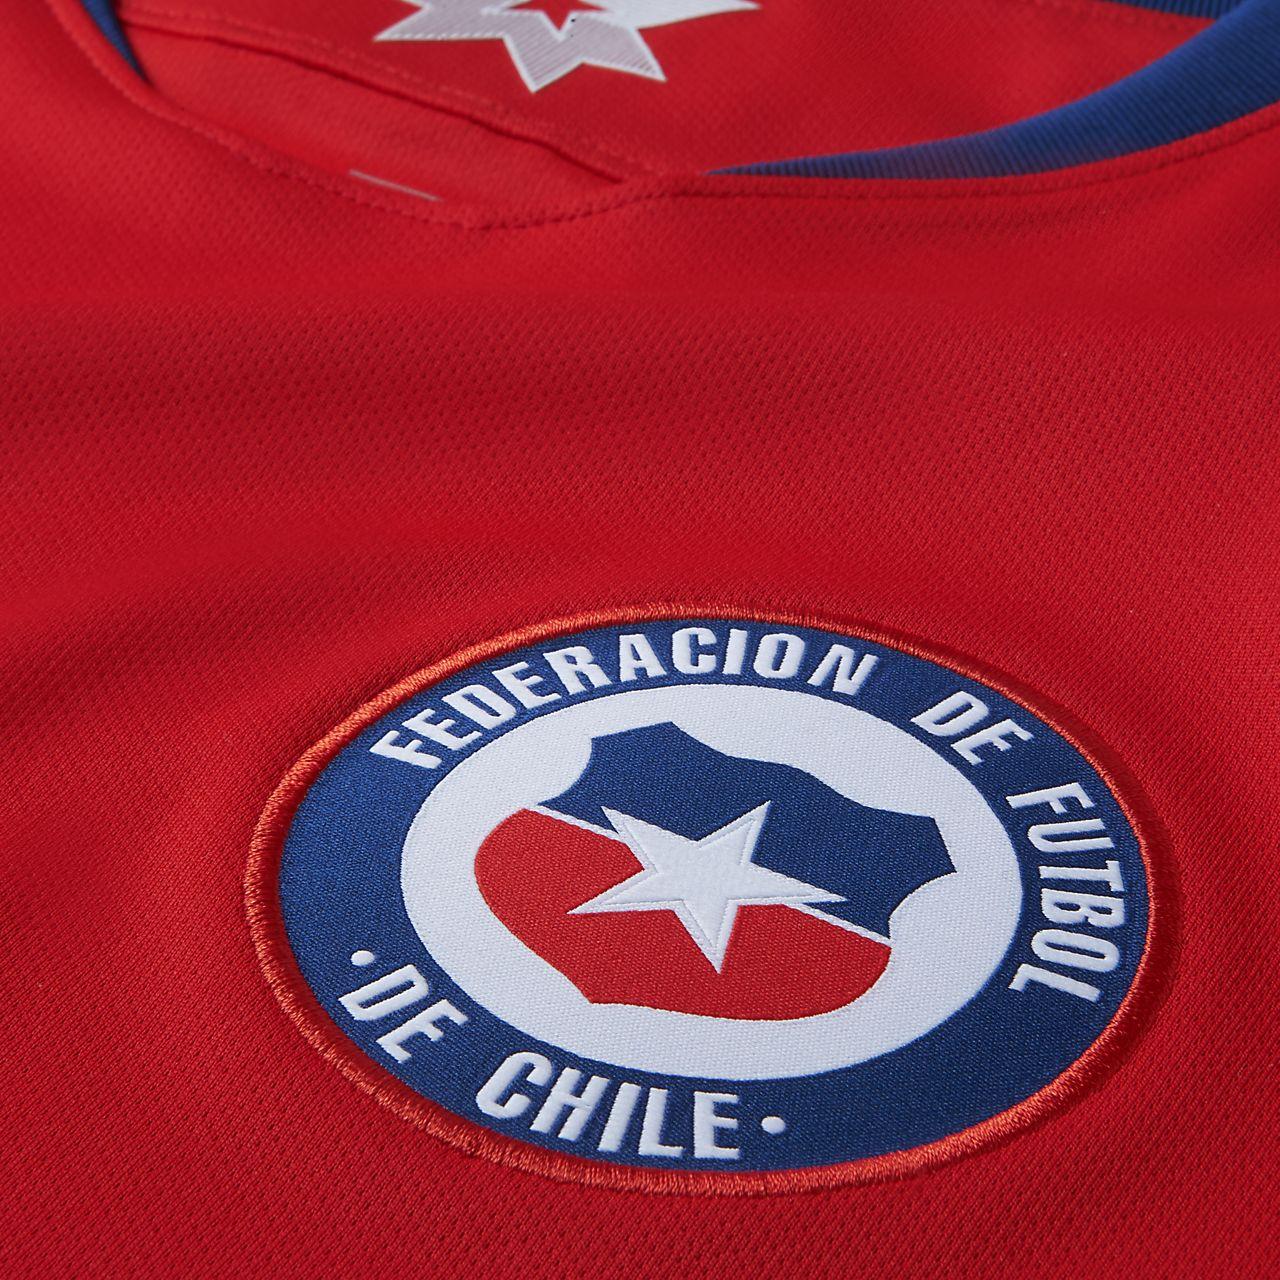 818312d405aab Camiseta de fútbol para hombre 2018 Chile Stadium Home. Nike.com CL